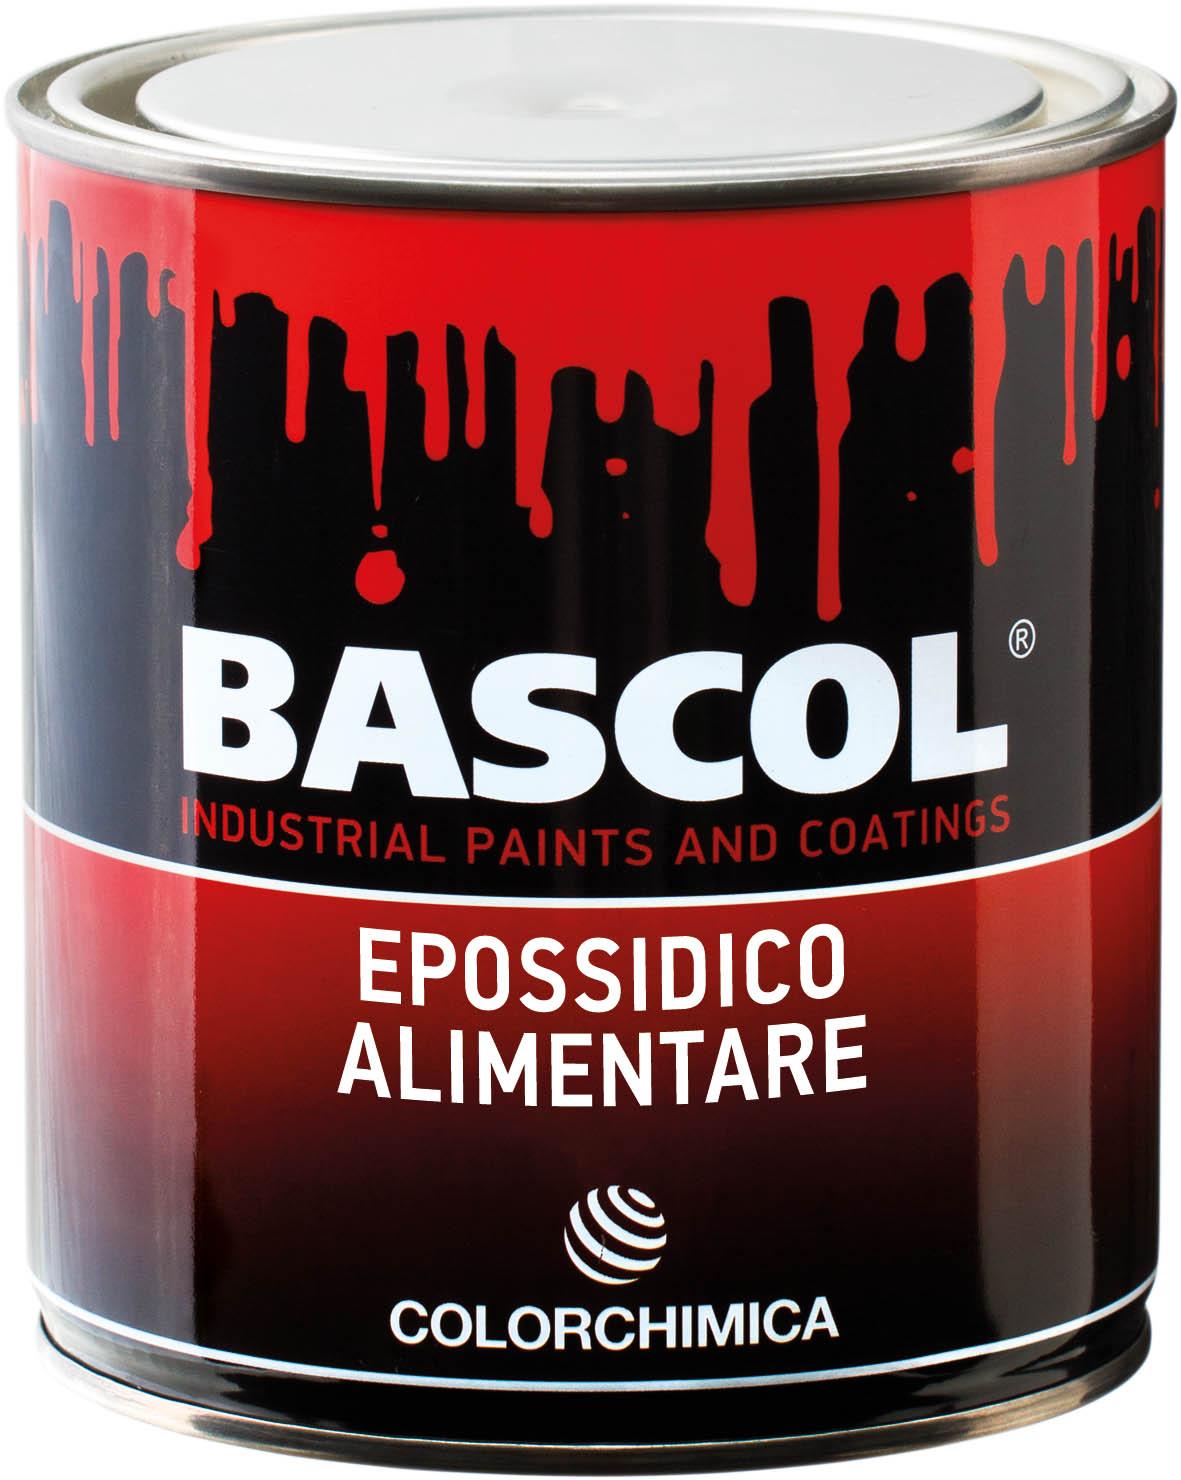 Bascol 0,75 EPOSSIDICO ALIMENTARE